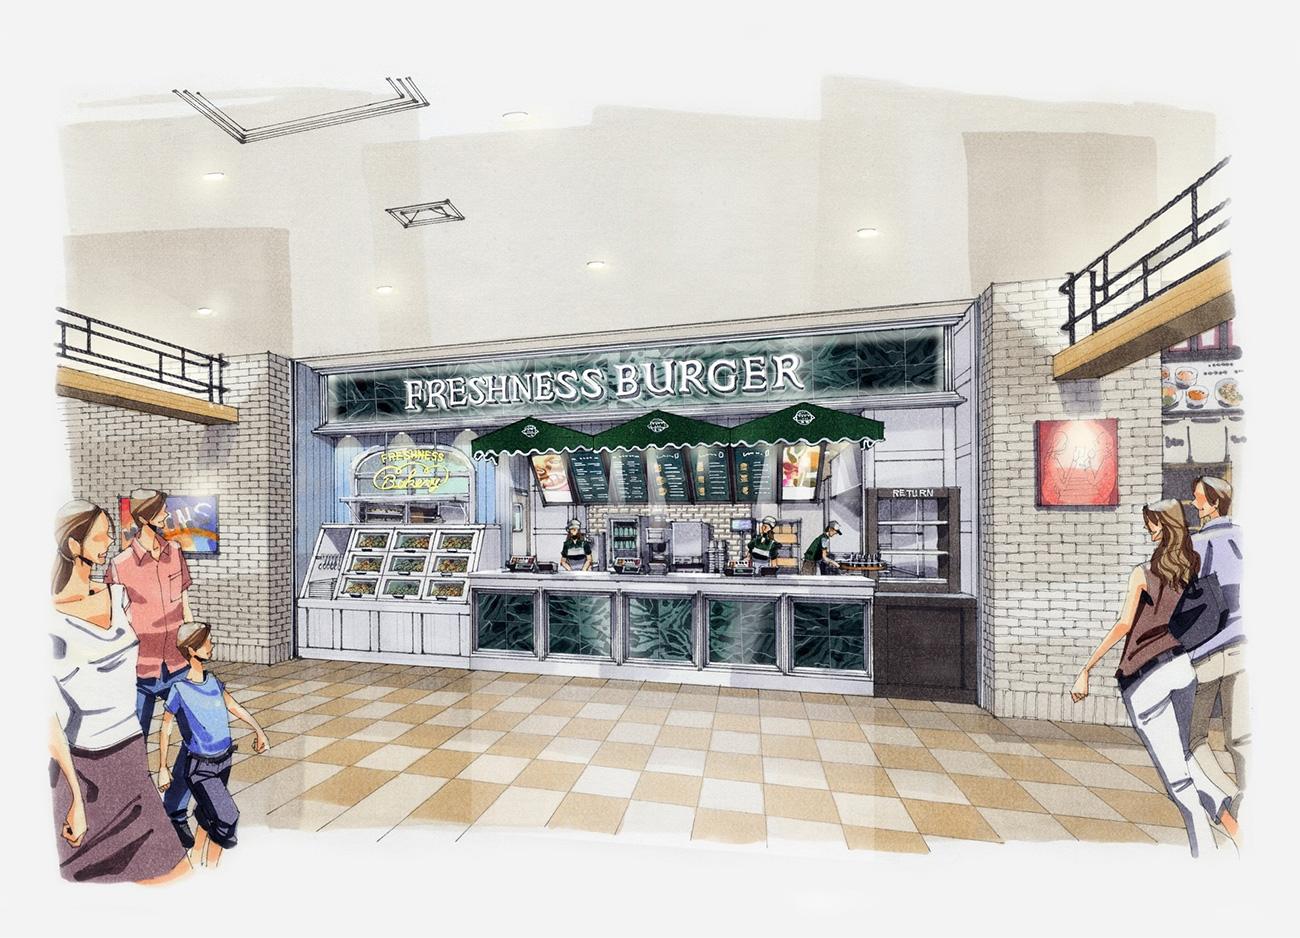 フレッシュネスバーガー 横浜にベーカリー併設の新業態バーガーカフェを7月にオープン マークイズ みなとみらい